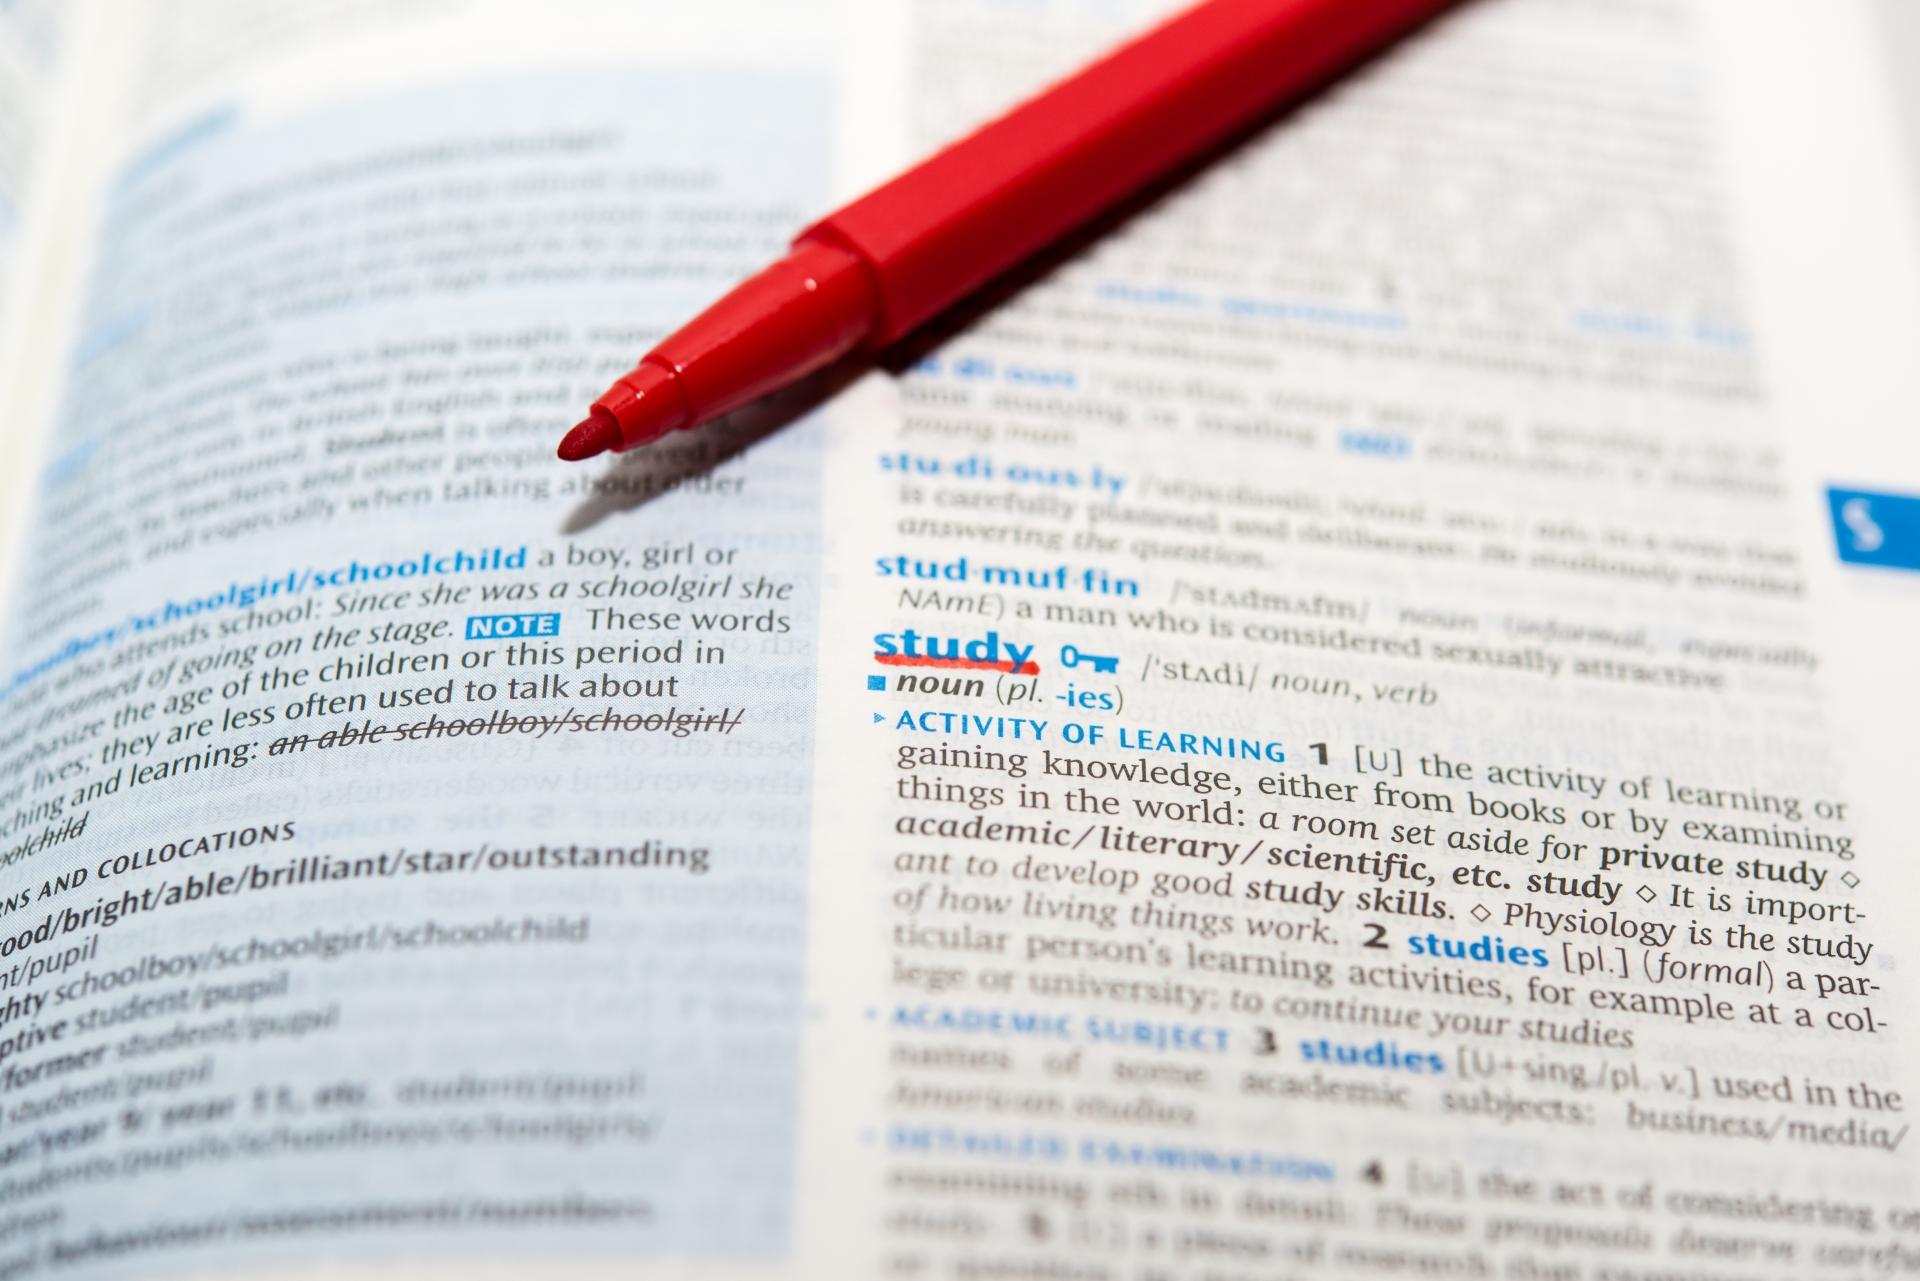 英会話講師は英語を教えることに苦痛を感じない。心をむしばむのは理不尽な仕事だ。